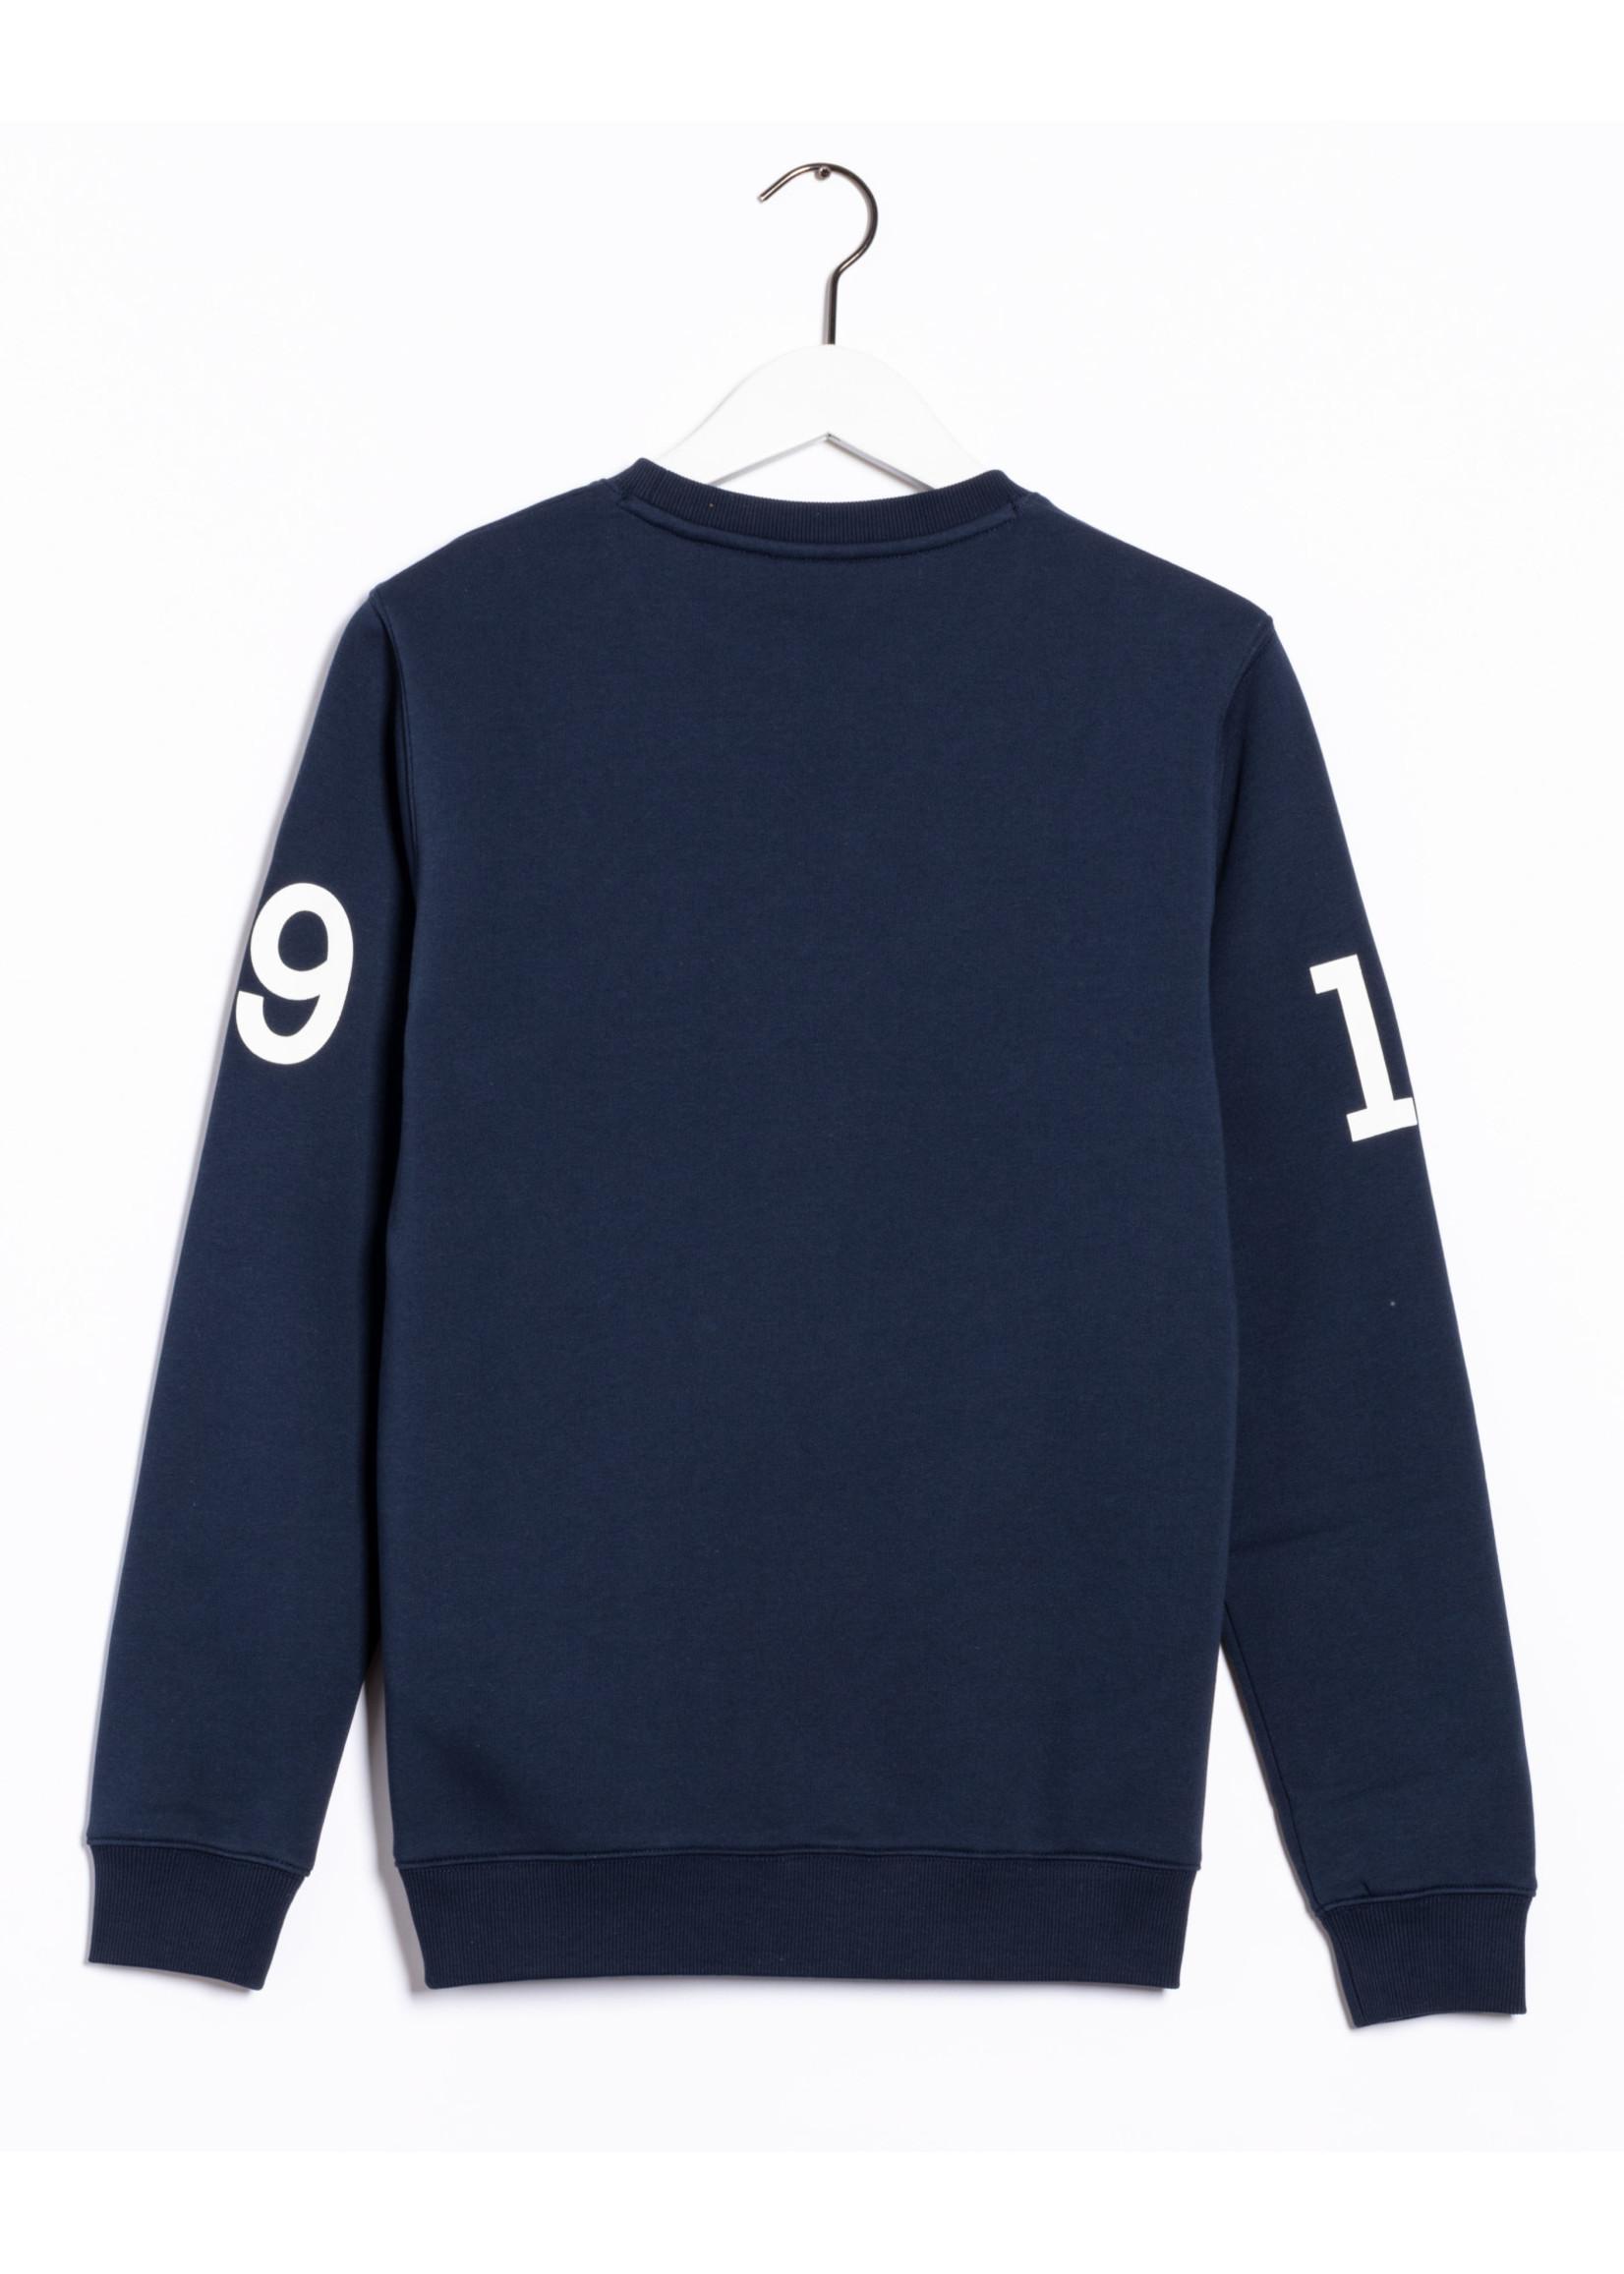 GANT nautische sweater ronde hals marine